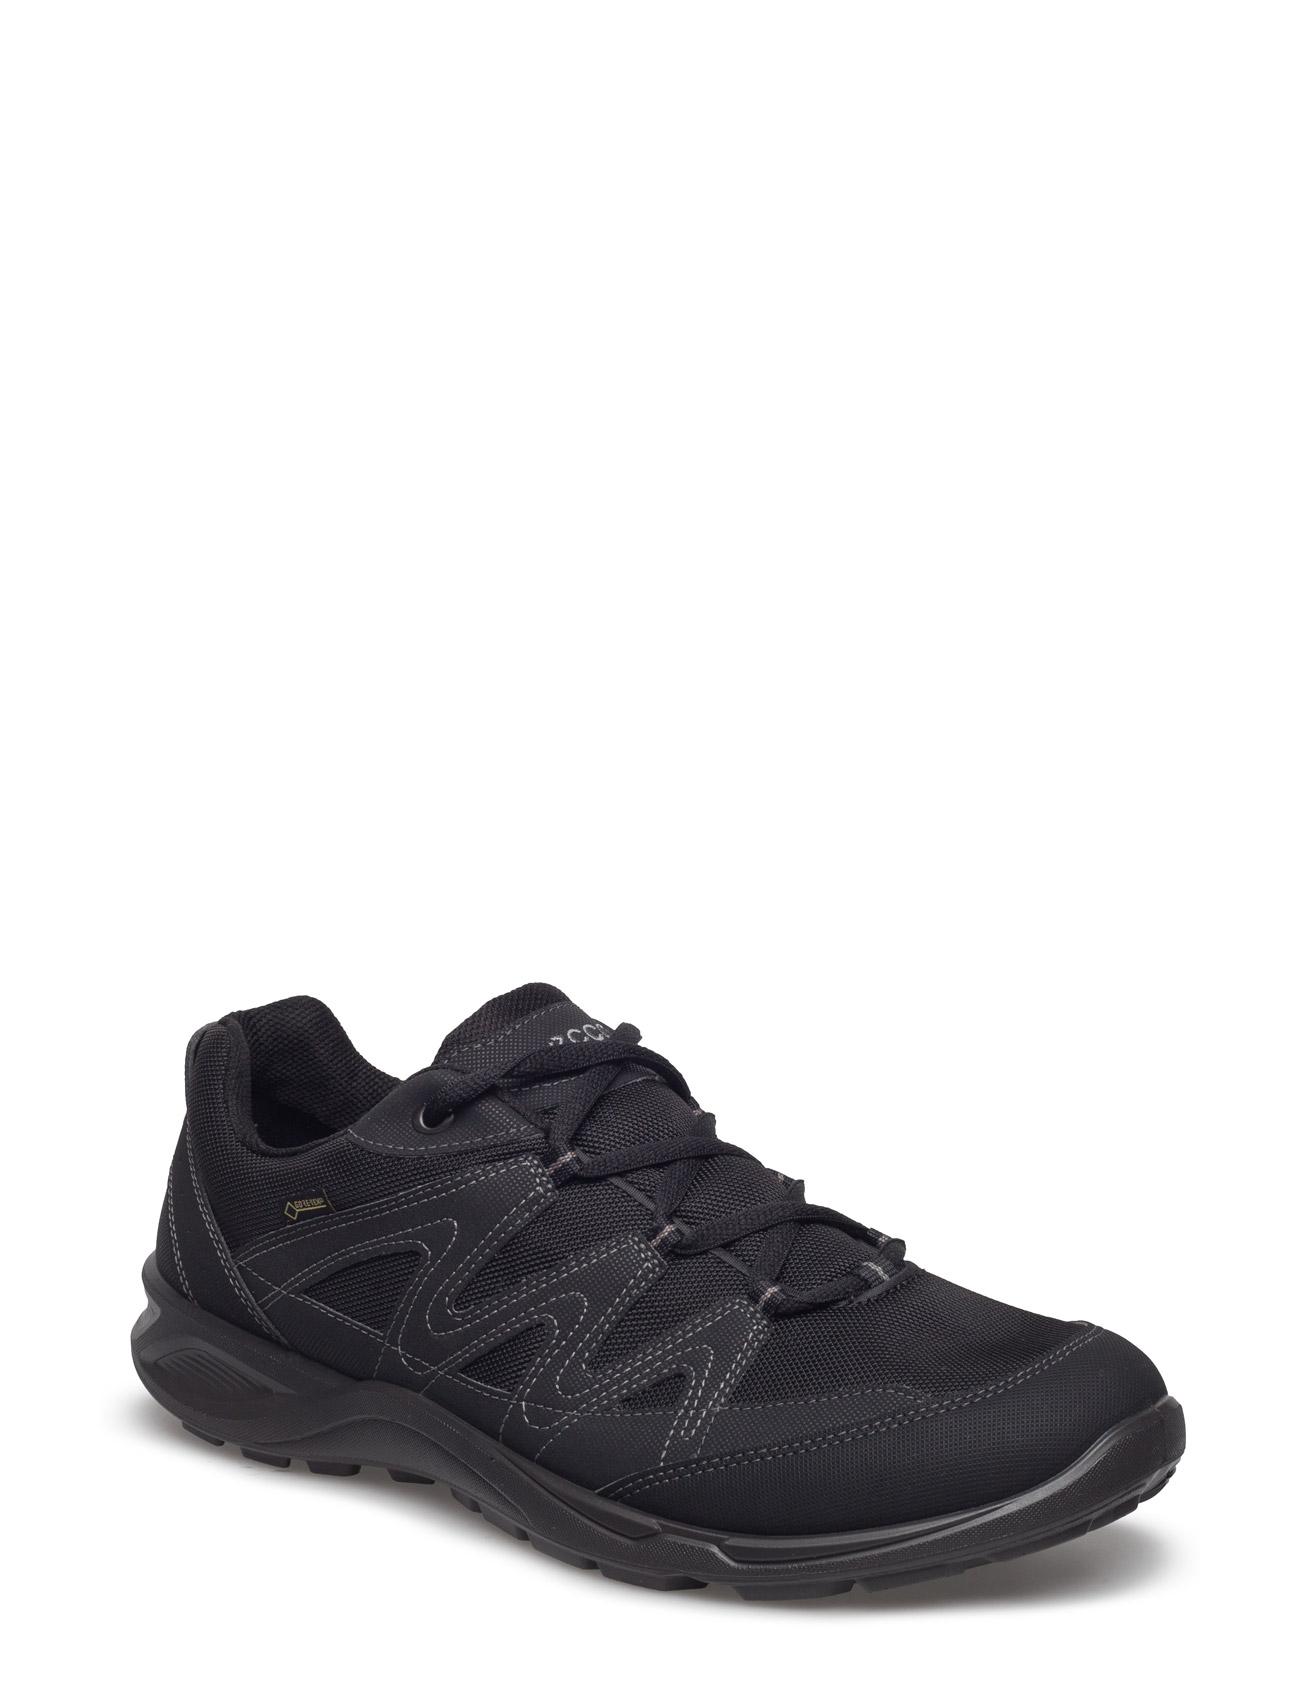 Terracruise Lt ECCO Sneakers til Herrer i